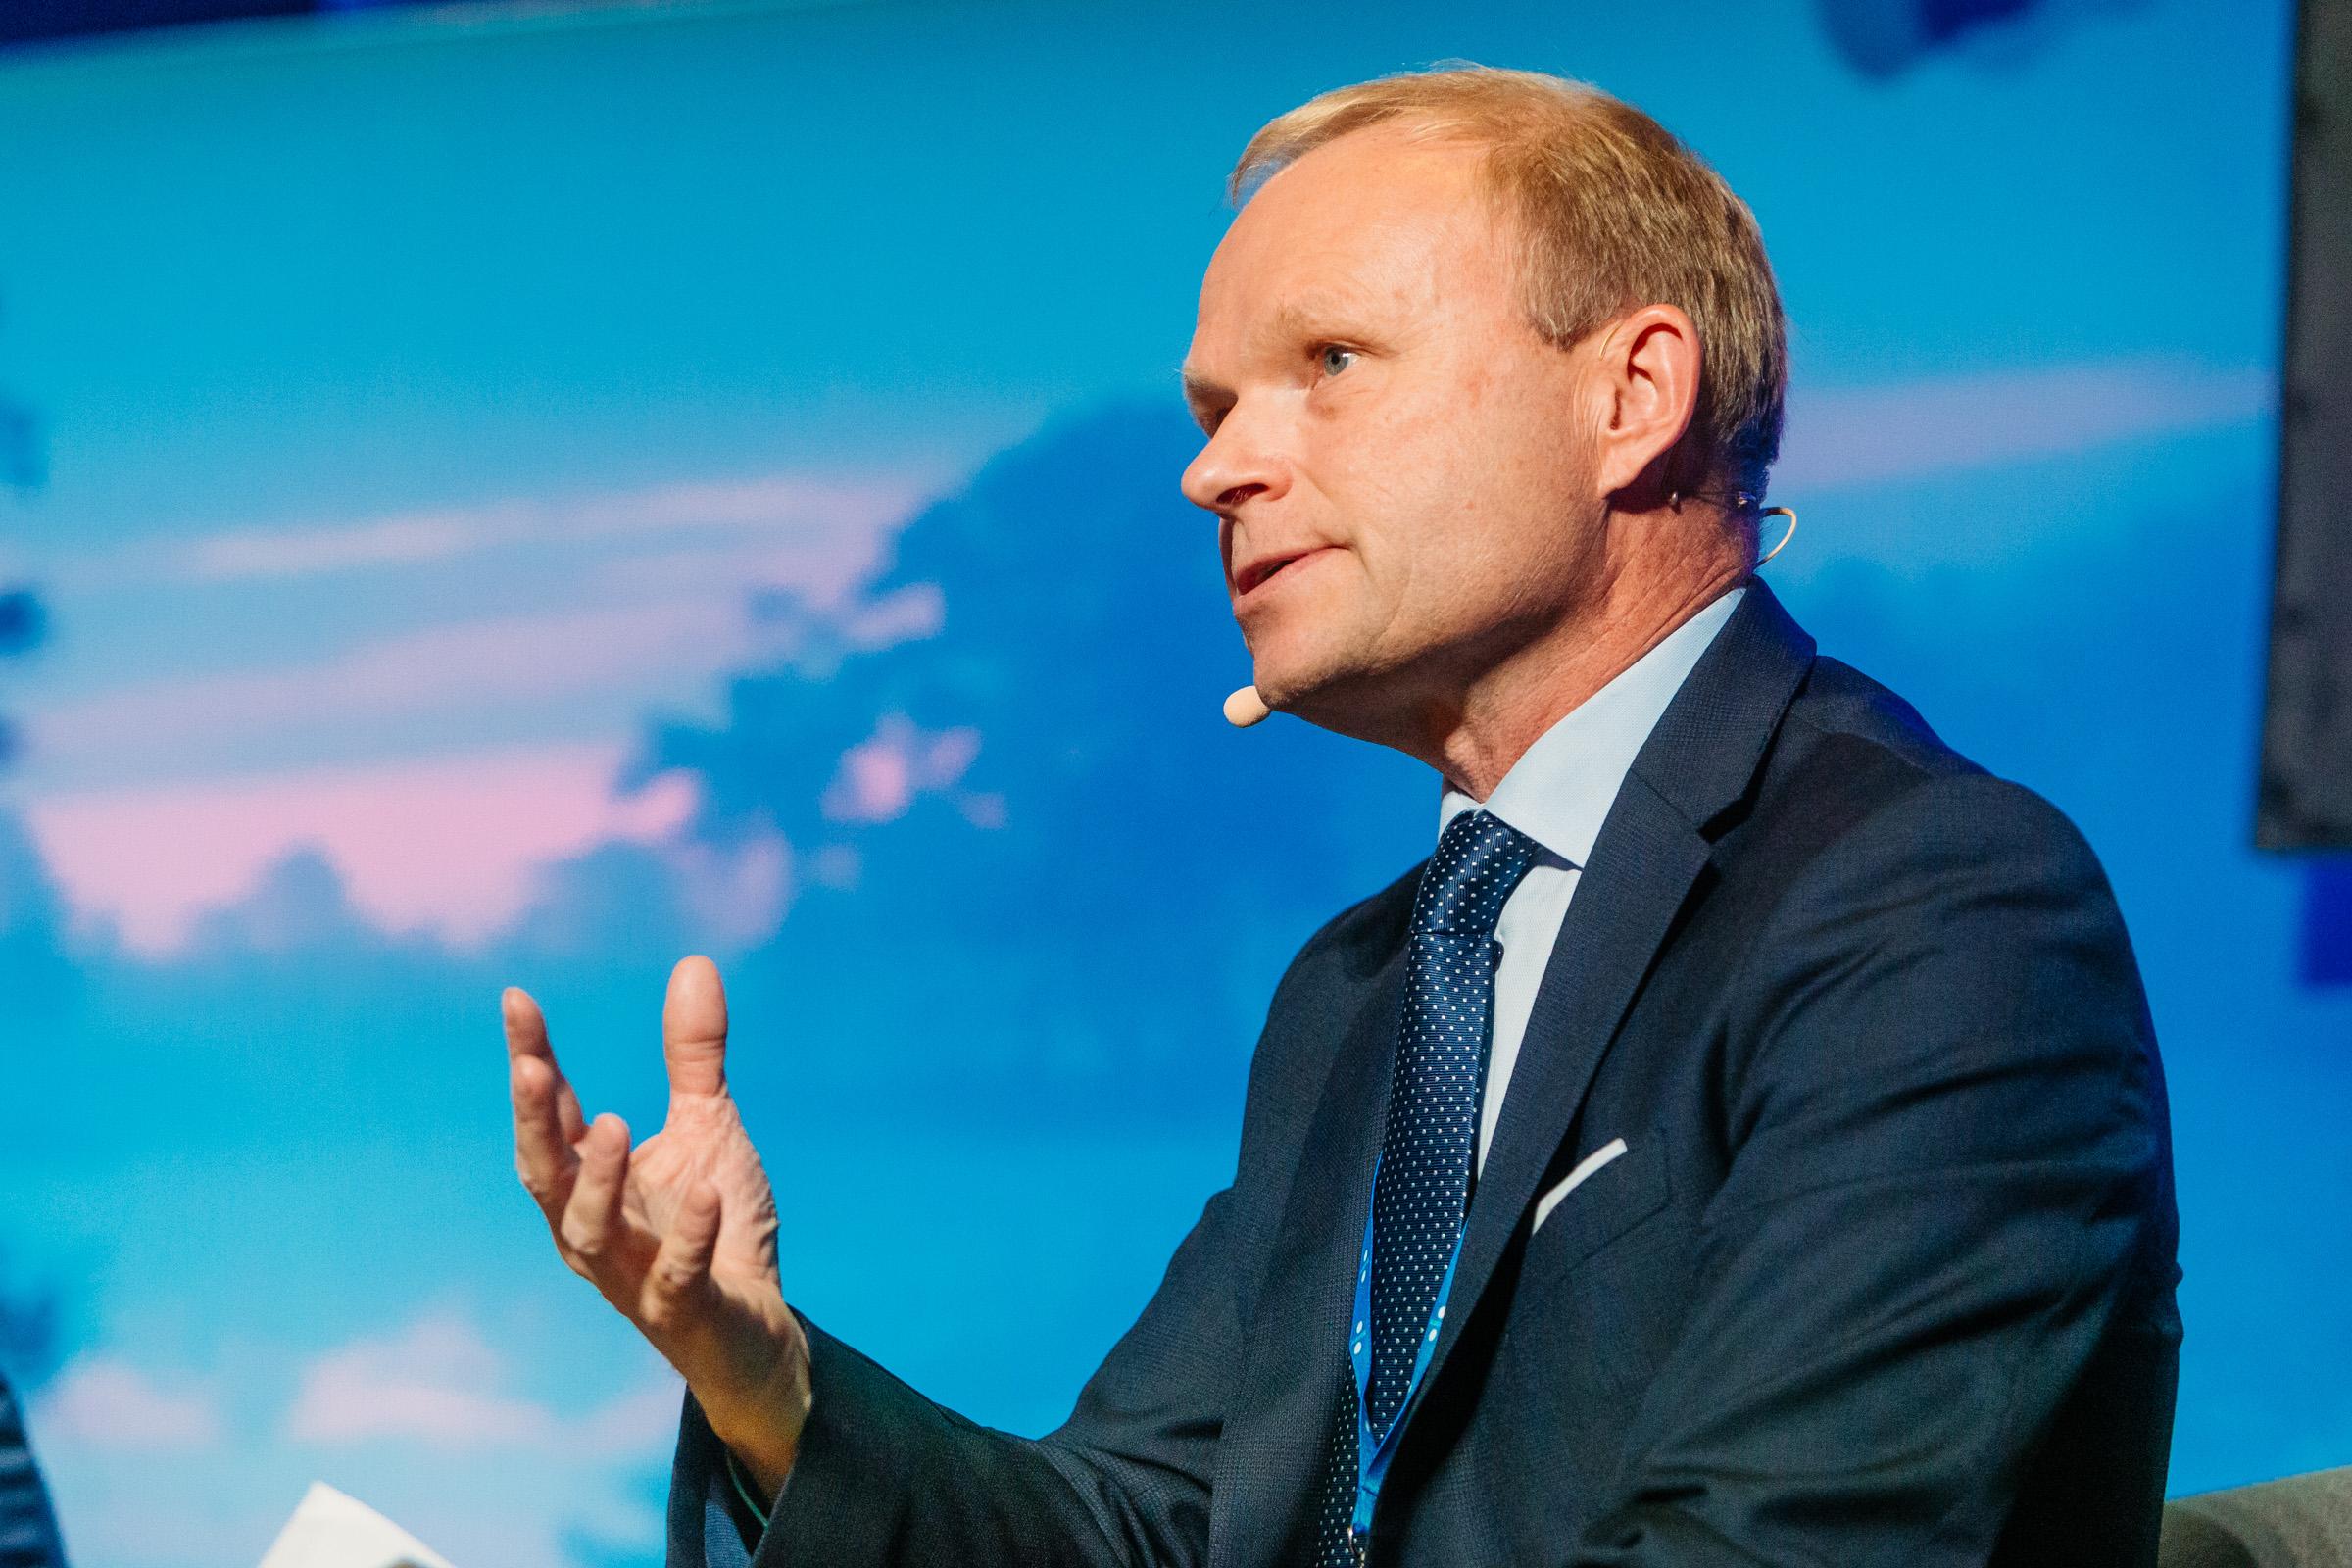 Agva kommenterer Lundmarks interessante foredrag